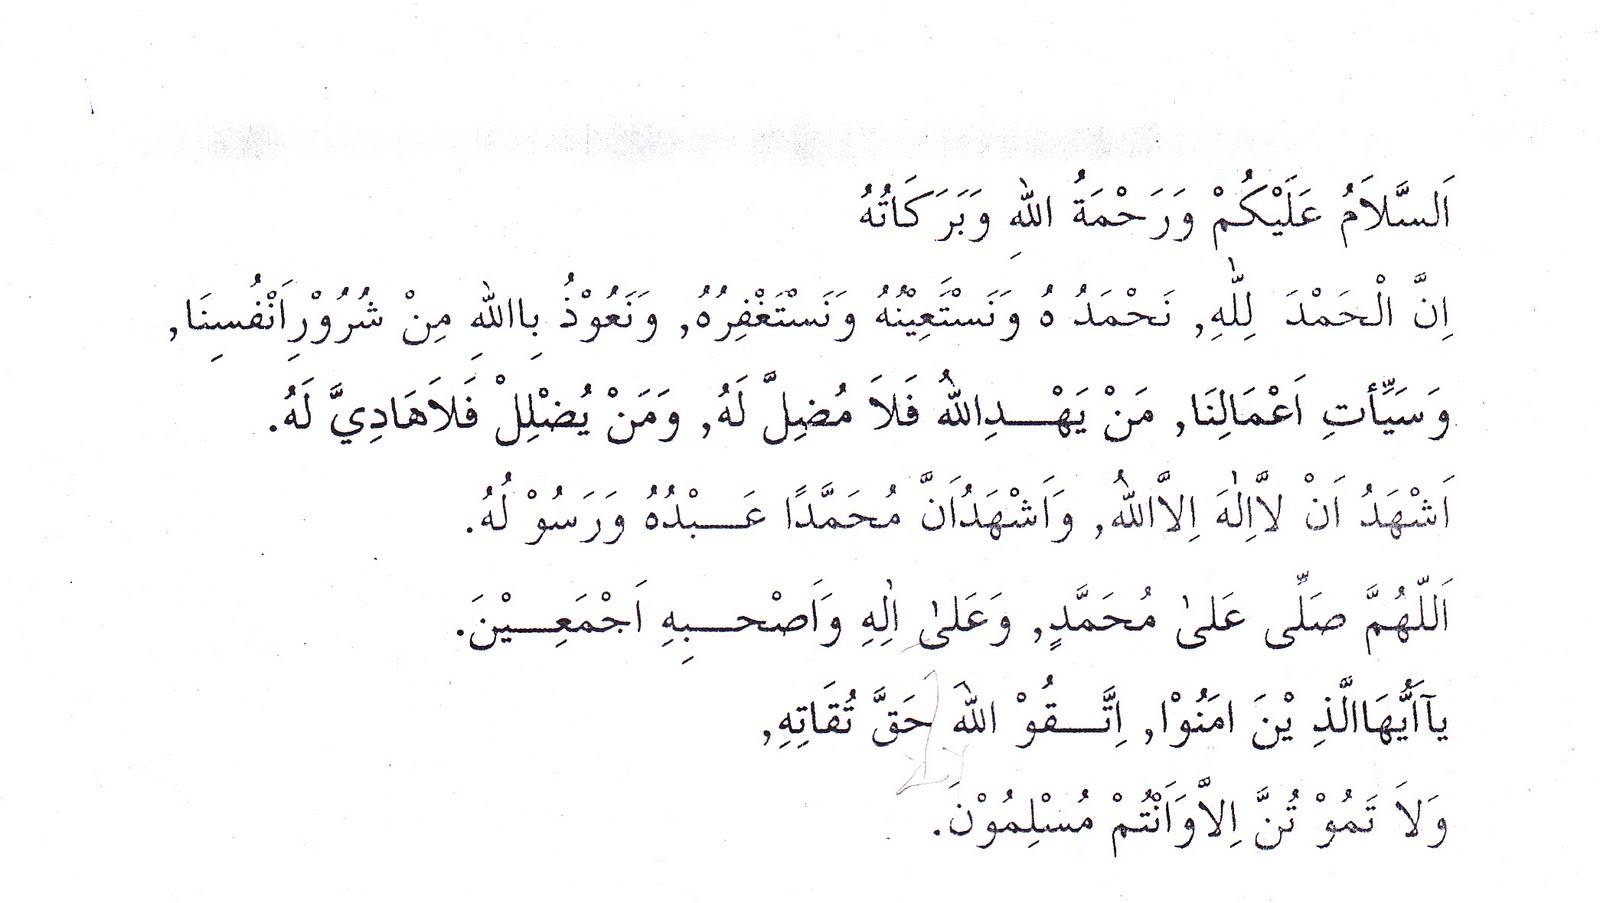 Kaum mislimin jama'ah jumat yang dirahmati Allah SWT